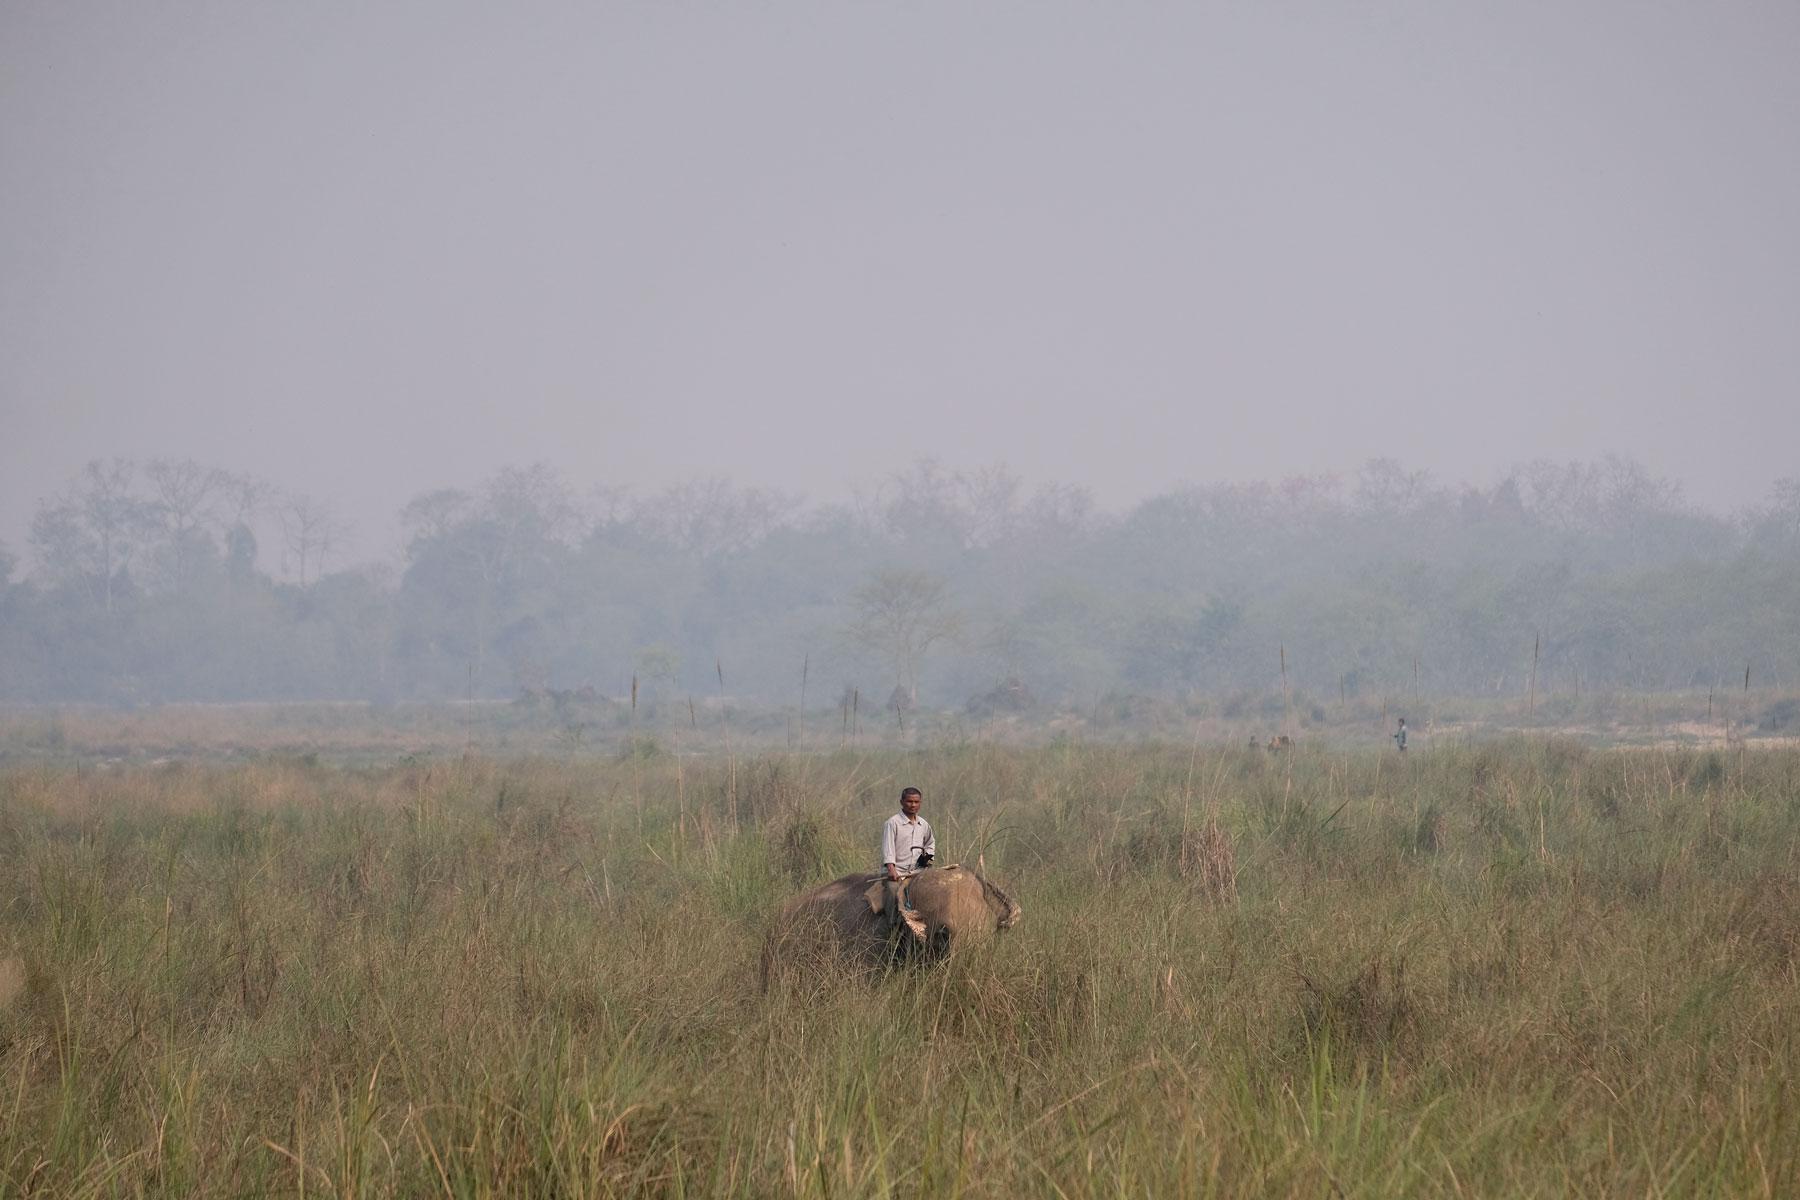 Ein Mann reitet auf einem Elefant durch hohes Gras im Chitwan Nationalpark.